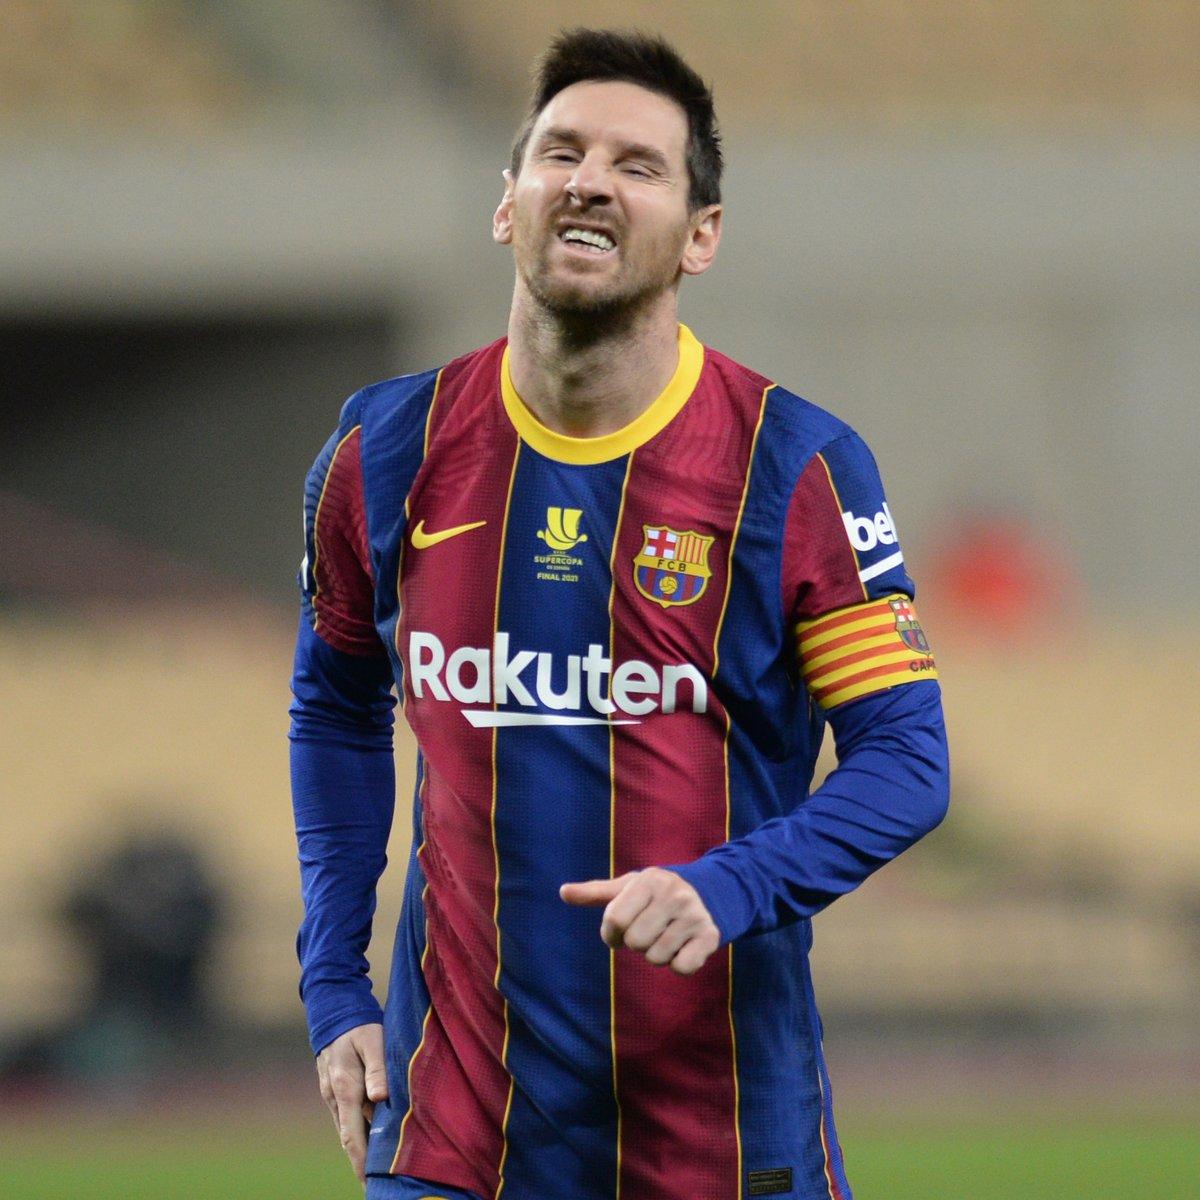 كأس السوبر الإسباني: برشلونة يخسر + ميسي يُطرد 🙃  كأس السوبر الإيطالي: يوفنتوس ينتصر + رونالدو يسجل 🏆  أسبوع يخلص عام الدون وعام ليو 🐐 https://t.co/bR1vShdh9R